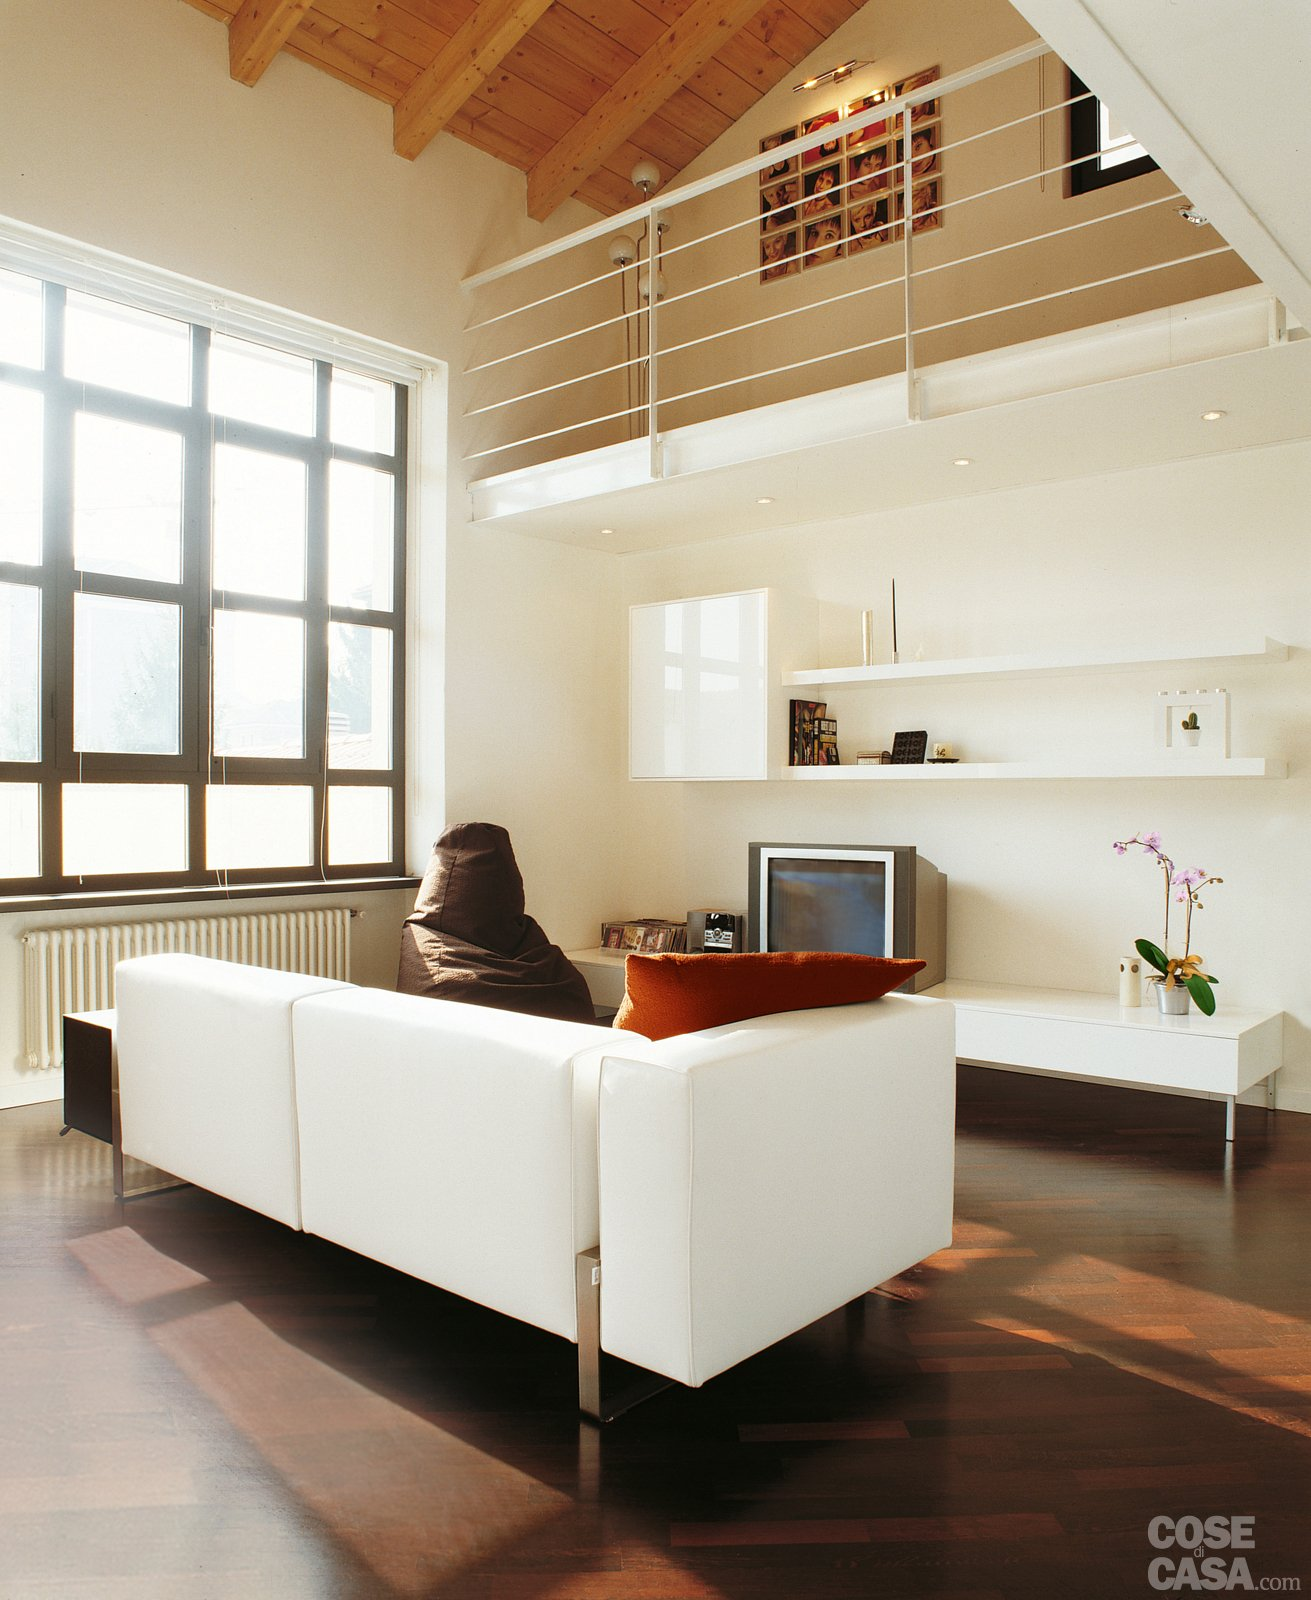 Una casa a doppia altezza con soppalco di 70 mq cose di casa - Chiudere una finestra di casa ...